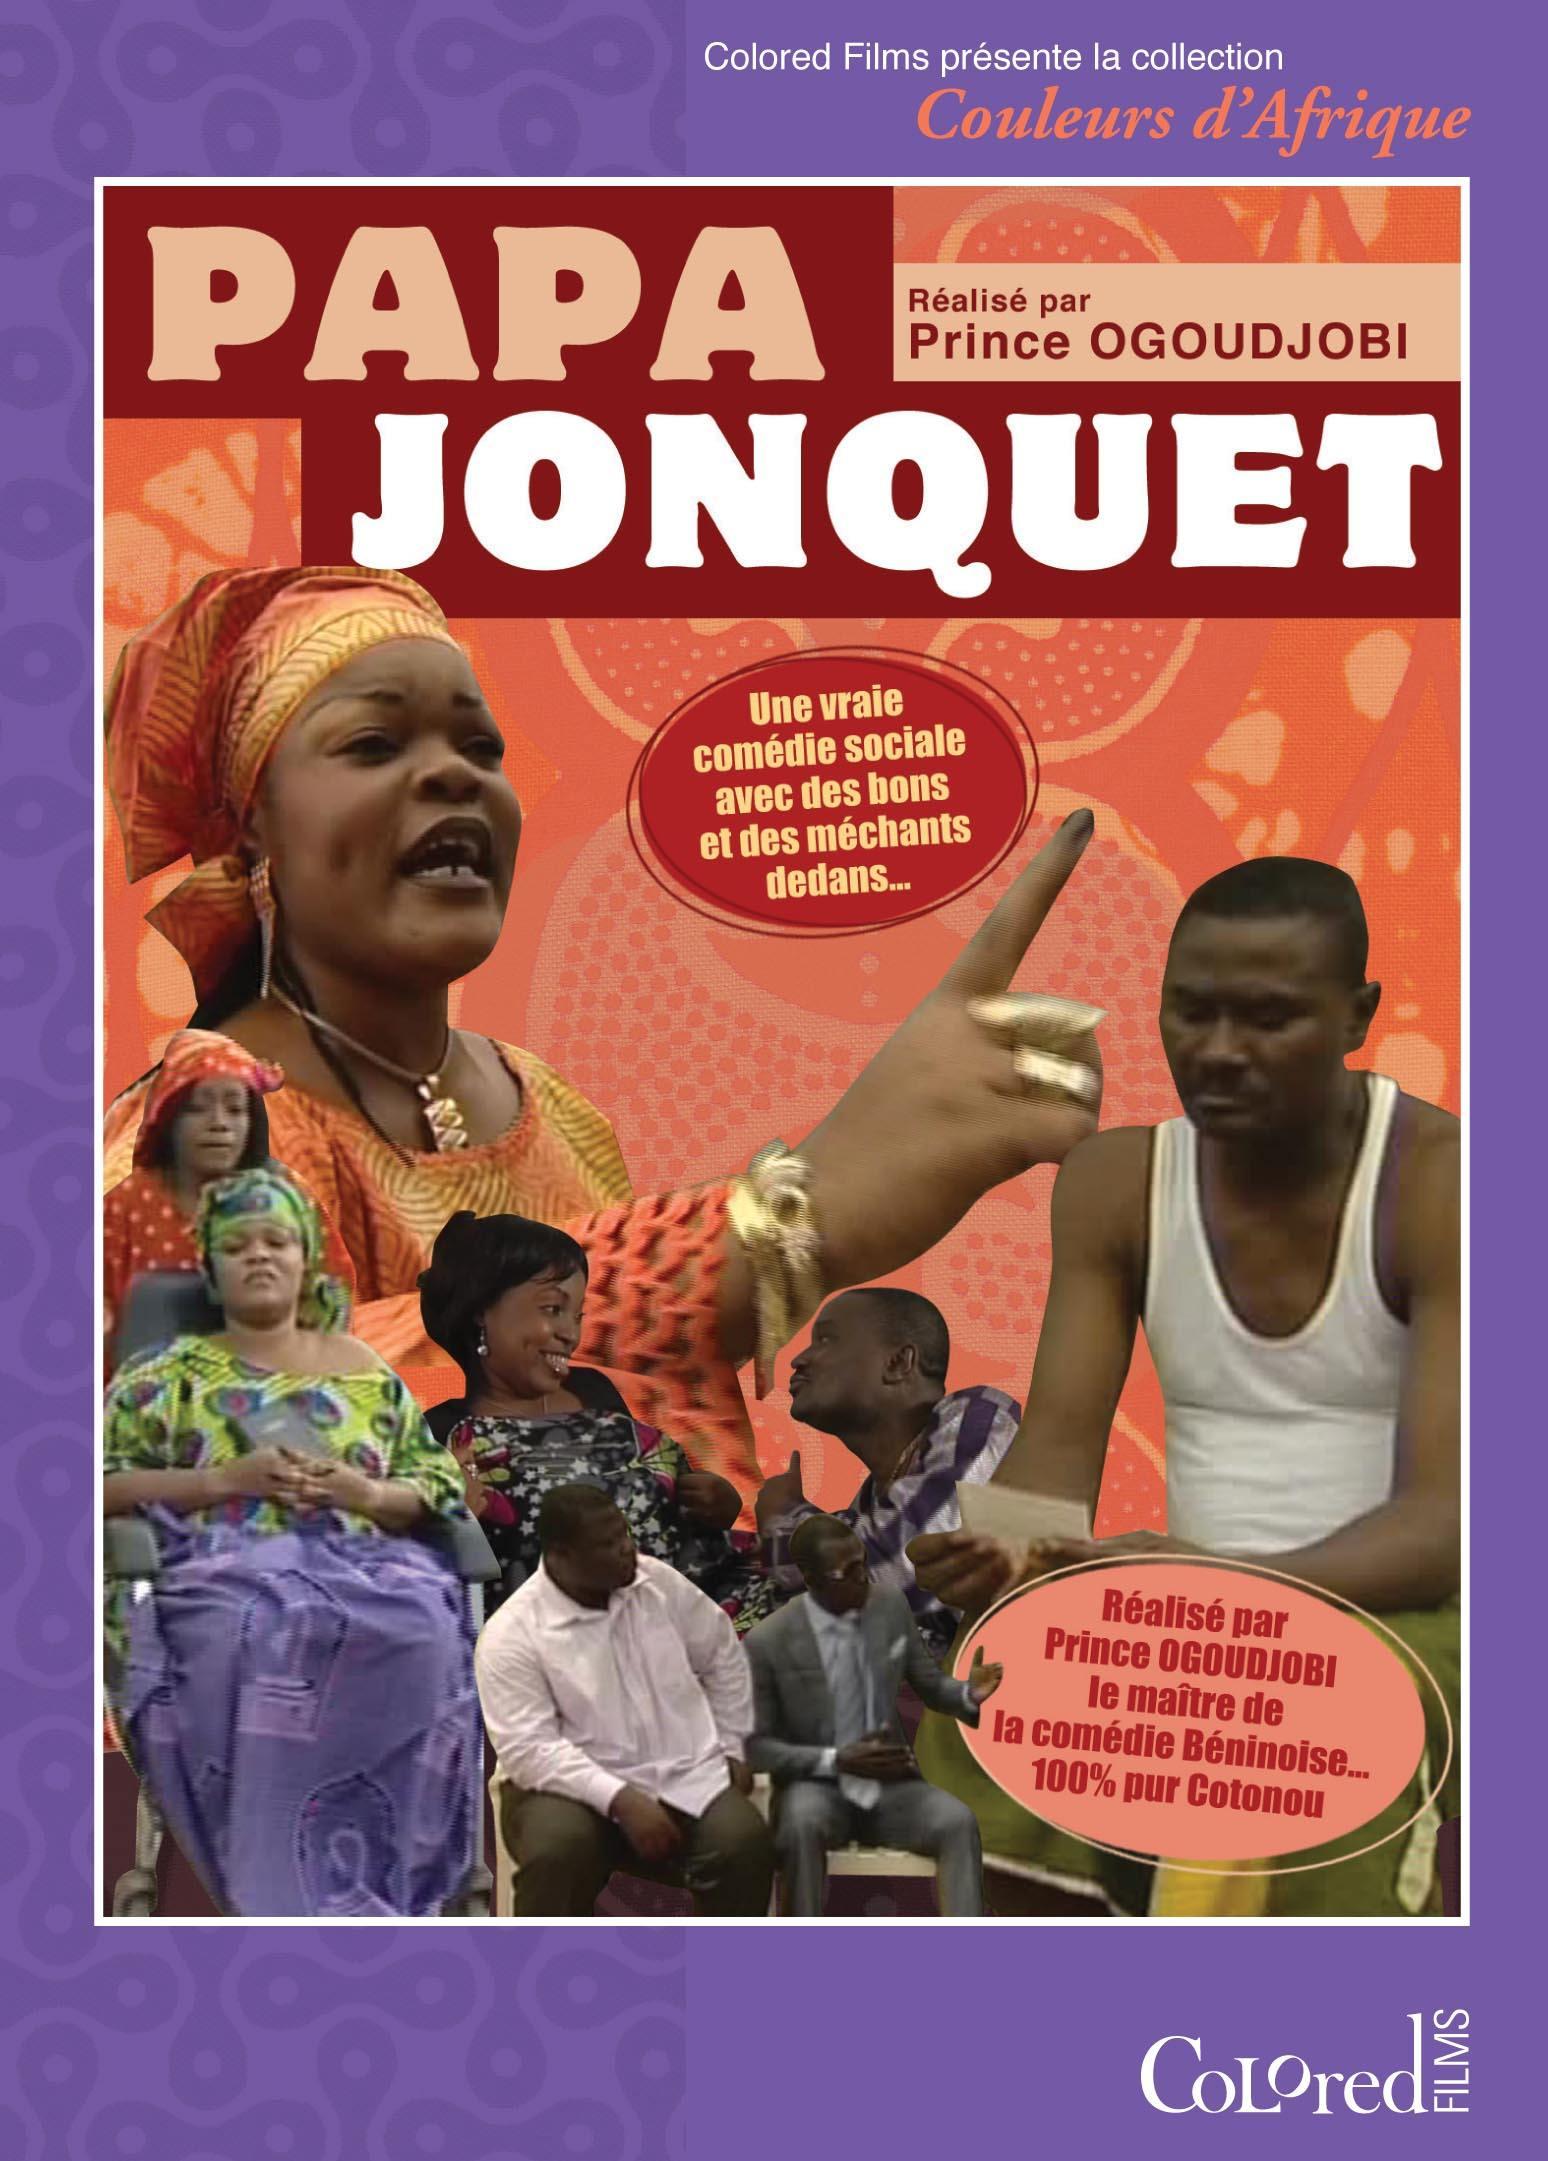 Papa jonquet - dvd